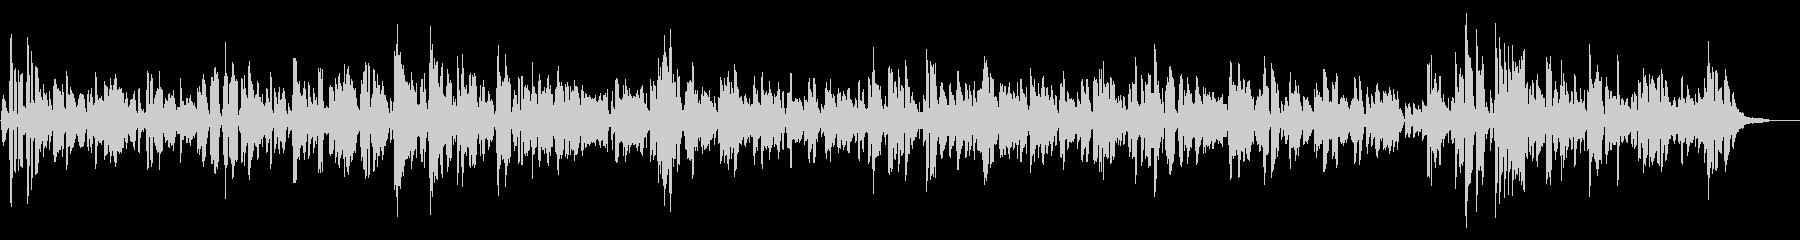 JAZZ|カフェで流れるオシャレなジャズの未再生の波形